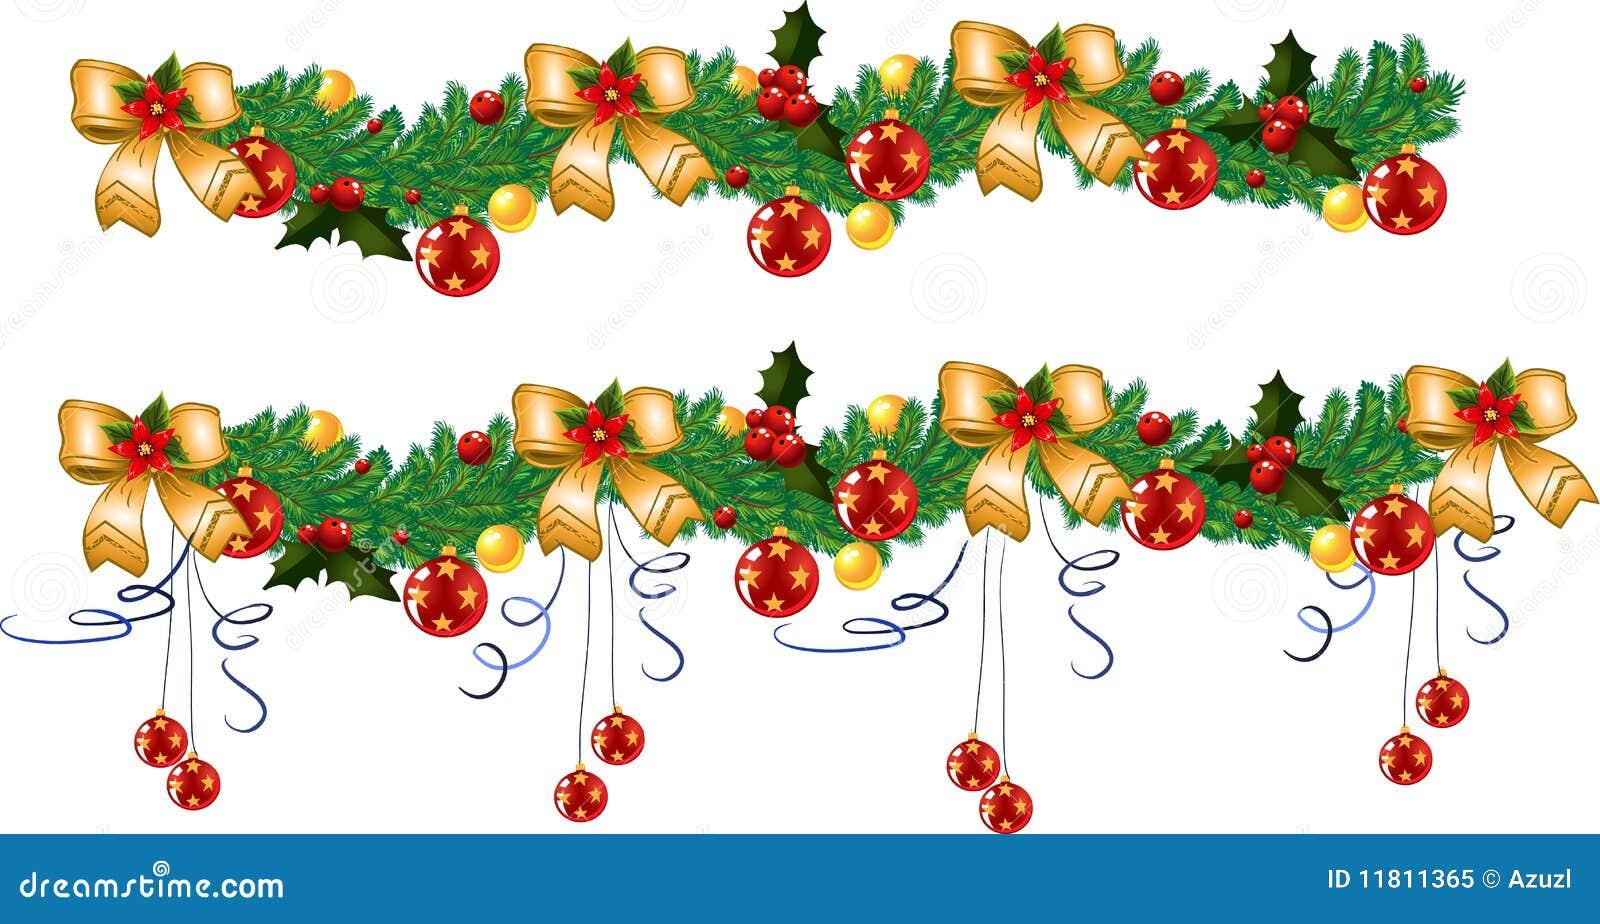 guirnalda de la navidad vector - Guirnaldas De Navidad